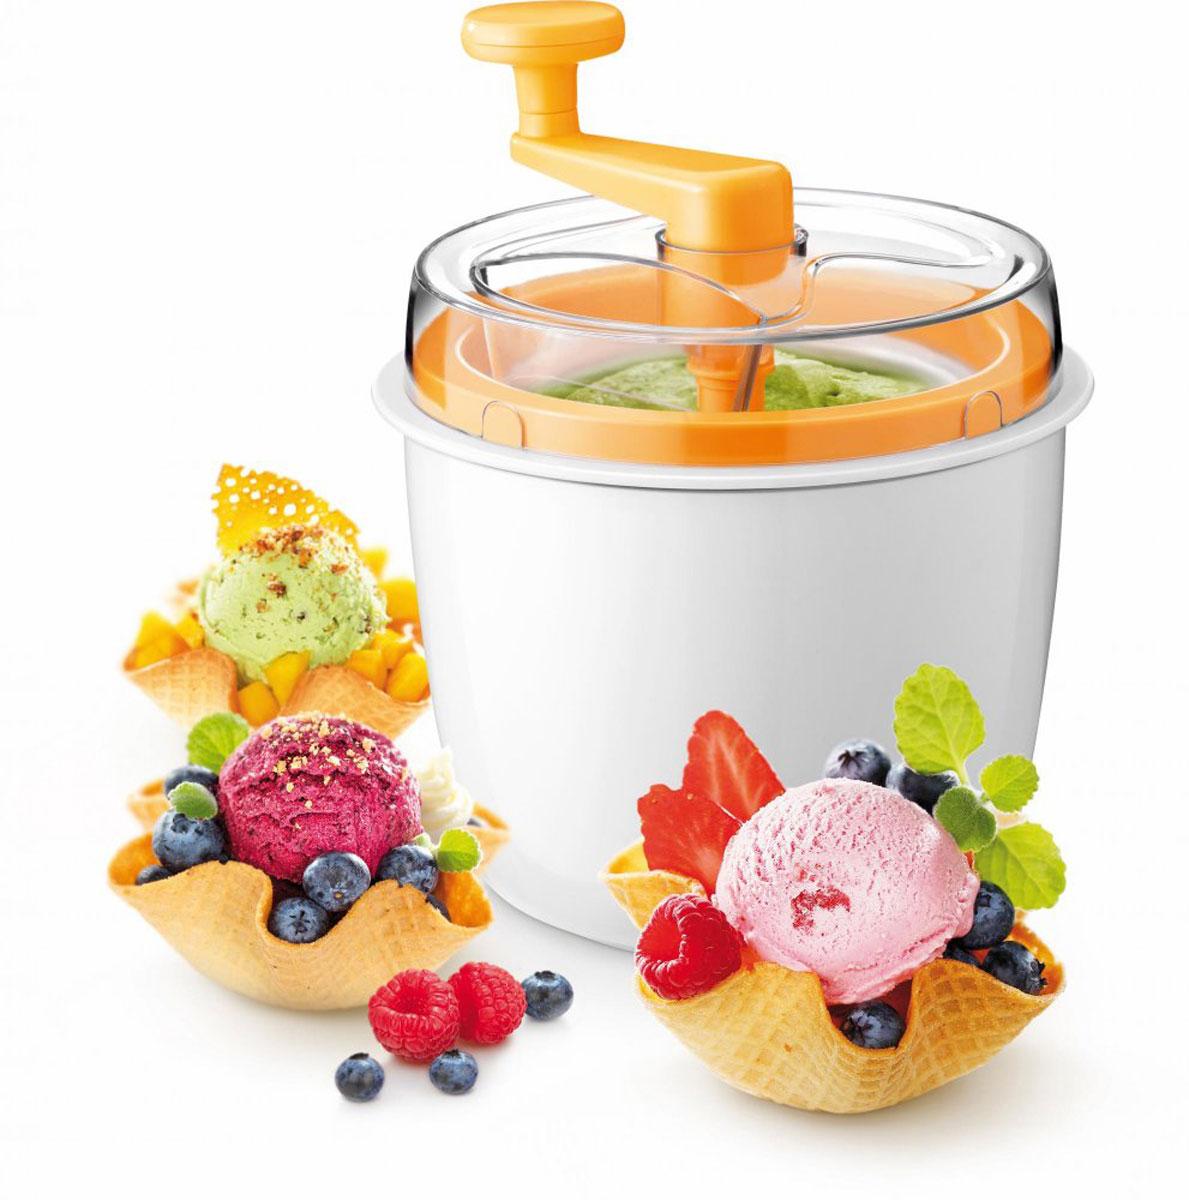 Приспособление для изготовления мороженого Tescoma Della Casa. 64318054 009312Приспособление Tescoma Della Casa отлично подходит для приготовления домашнего мороженого без консервантов, искусственных красителей и чрезмерных подсластителей. Приспособление для изготовления мороженого изготовлено из прочного высококачественного пластика, внутренний контейнер изготовлен из безопасного материала (алюминия).Рецепты приготовления домашнего мороженого, фруктового мороженого, шоколадного, творожного или йогуртного мороженого и сорбета прилагаются в комплекте.Все пластмассовые детали приспособления пригодны для мытья в посудомоечной машине. Контейнер для замораживания c охладителем необходимо промывать под проточной водой и высушивать. Контейнер не пригоден для мытья в посудомоечной машине.Объем контейнера: 600 мл. Размер приспособления: 16 х 16 х 23 см.